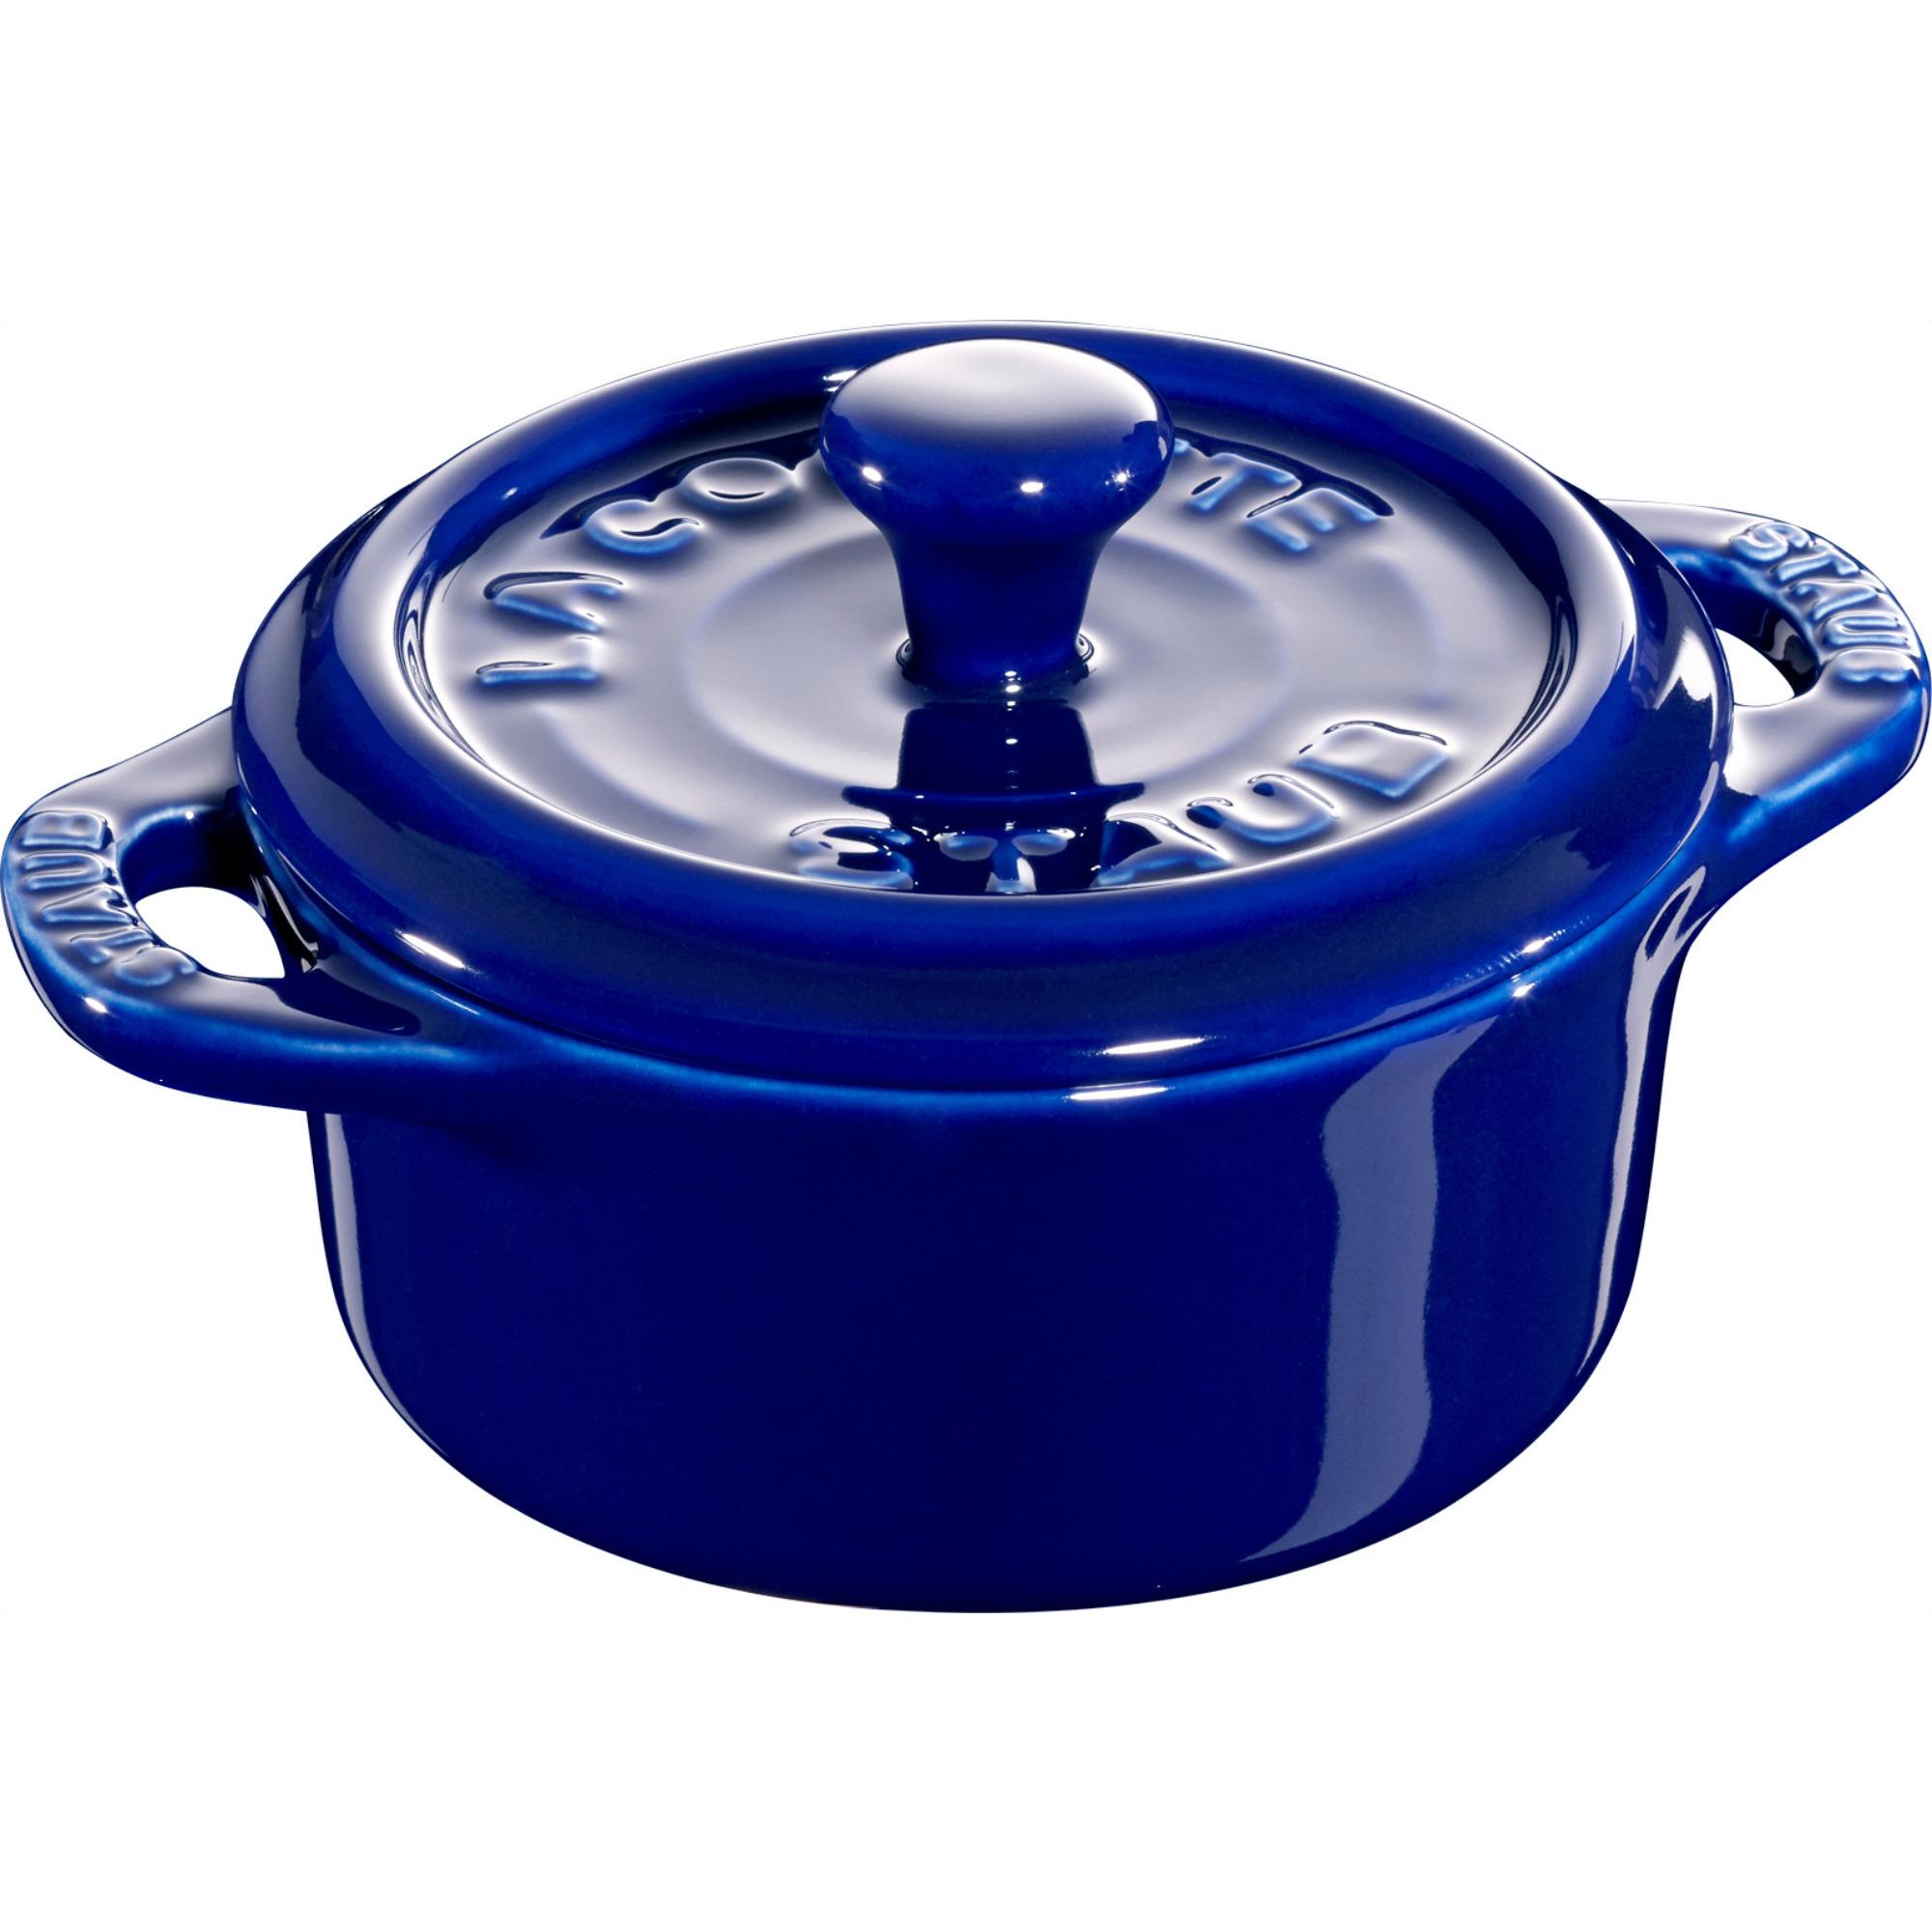 Staub Ceramic Rund Minigryta Blå 10 cm 02 l